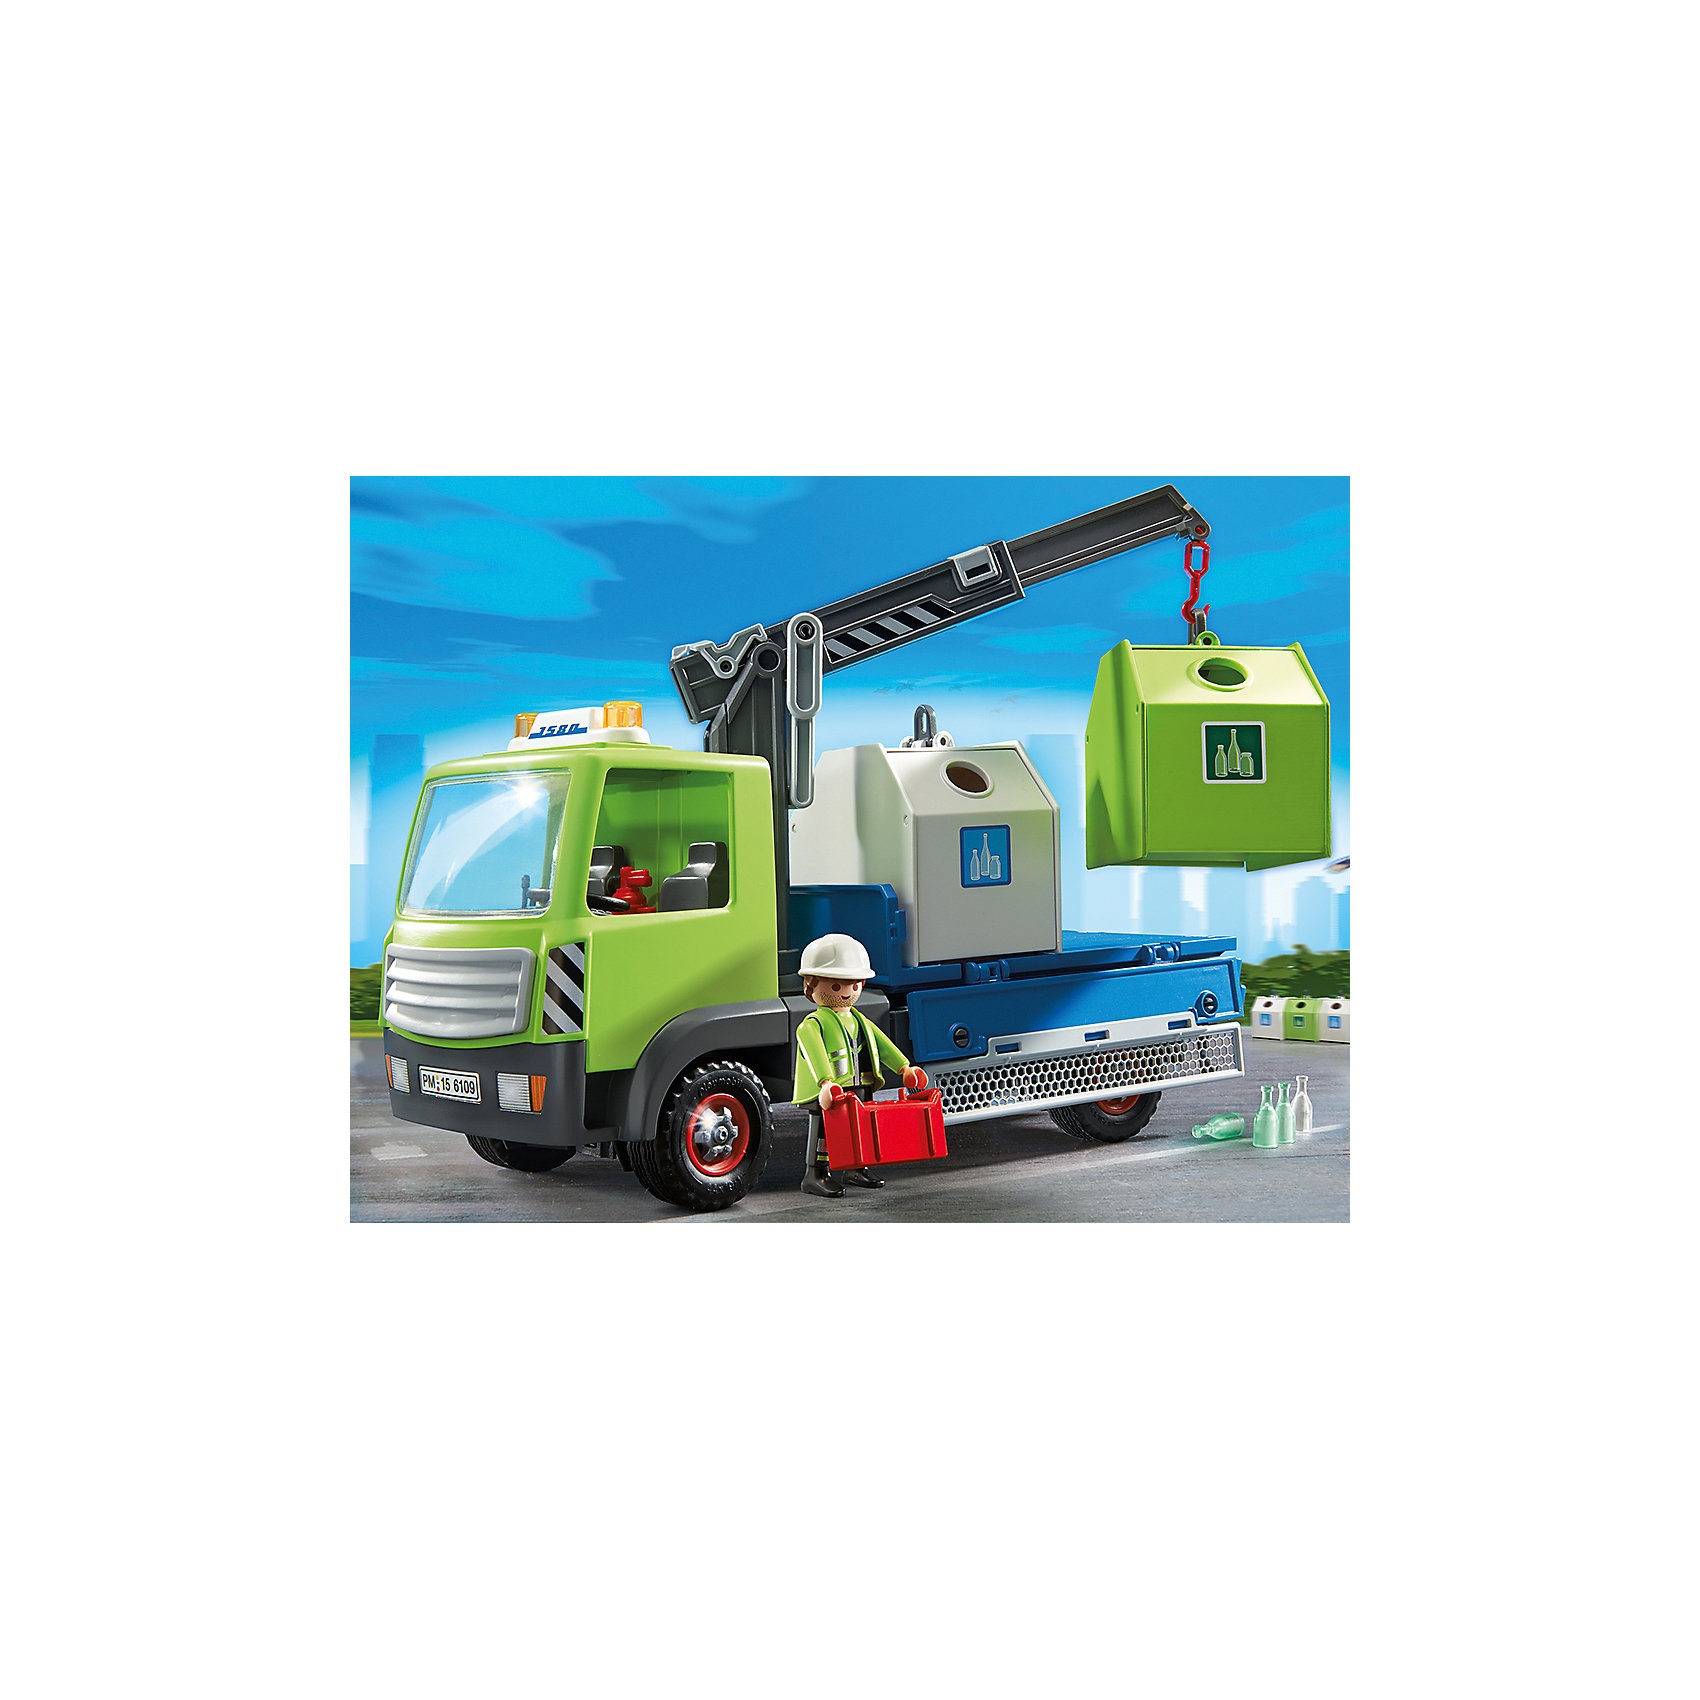 Грузовик для перевозки стеклянной тары, PLAYMOBILС помощью этого набора ребенок сможет собрать большой грузовик, который перевозит стеклянную тару. Стрела грузовика подвижная, к ней можно прицепить один из контейнеров. Также в наборе фигурка рабочего и аксессуары, которые сделают игру еще интереснее и реалистичнее. Фигурка имеет подвижные конечности, в руки можно вложить различные вещи. Все детали набора прекрасно проработаны, выполнены из высококачественного пластика. Играть с таким набором не только приятно и интересно - подобные виды игры развивают мелкую моторику, воображение, творческое мышление.<br><br>Дополнительная информация:<br><br>- Комплектация: 1 фигурка, машина, 2 контейнера, аксессуары.<br>- 1 фигурка в комплекте: рабочий.<br>- Материал: пластик.<br>- Размер упаковки: 36х25х13 см.<br>- Высота фигурки: 7,5 см. <br>- Голова, руки, ноги у фигурок подвижные.<br>- Колеса машины вращаются.<br>- Стрела подвижная. <br><br>Грузовик для перевозки стеклянной тары, PLAYMOBIL (Плеймобил), можно купить в нашем магазине.<br><br>Ширина мм: 350<br>Глубина мм: 251<br>Высота мм: 129<br>Вес г: 901<br>Возраст от месяцев: 48<br>Возраст до месяцев: 120<br>Пол: Мужской<br>Возраст: Детский<br>SKU: 3786346